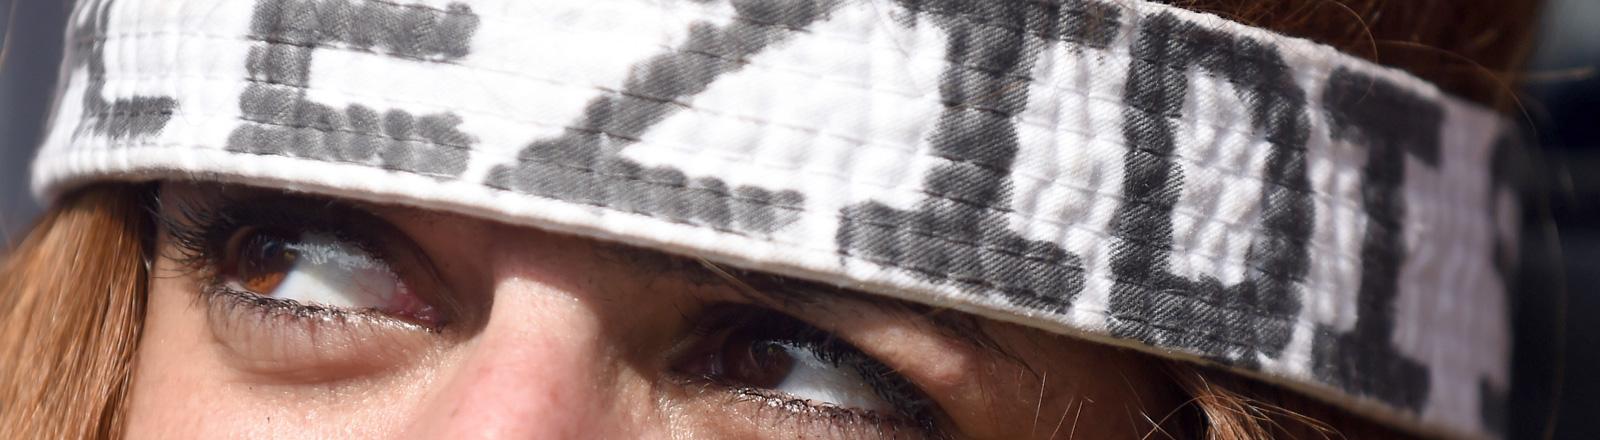 Eine Frau trägt ein Kopfband, auf dem Ezidi steht. Ihre Augen und das Band sind zu sehen.